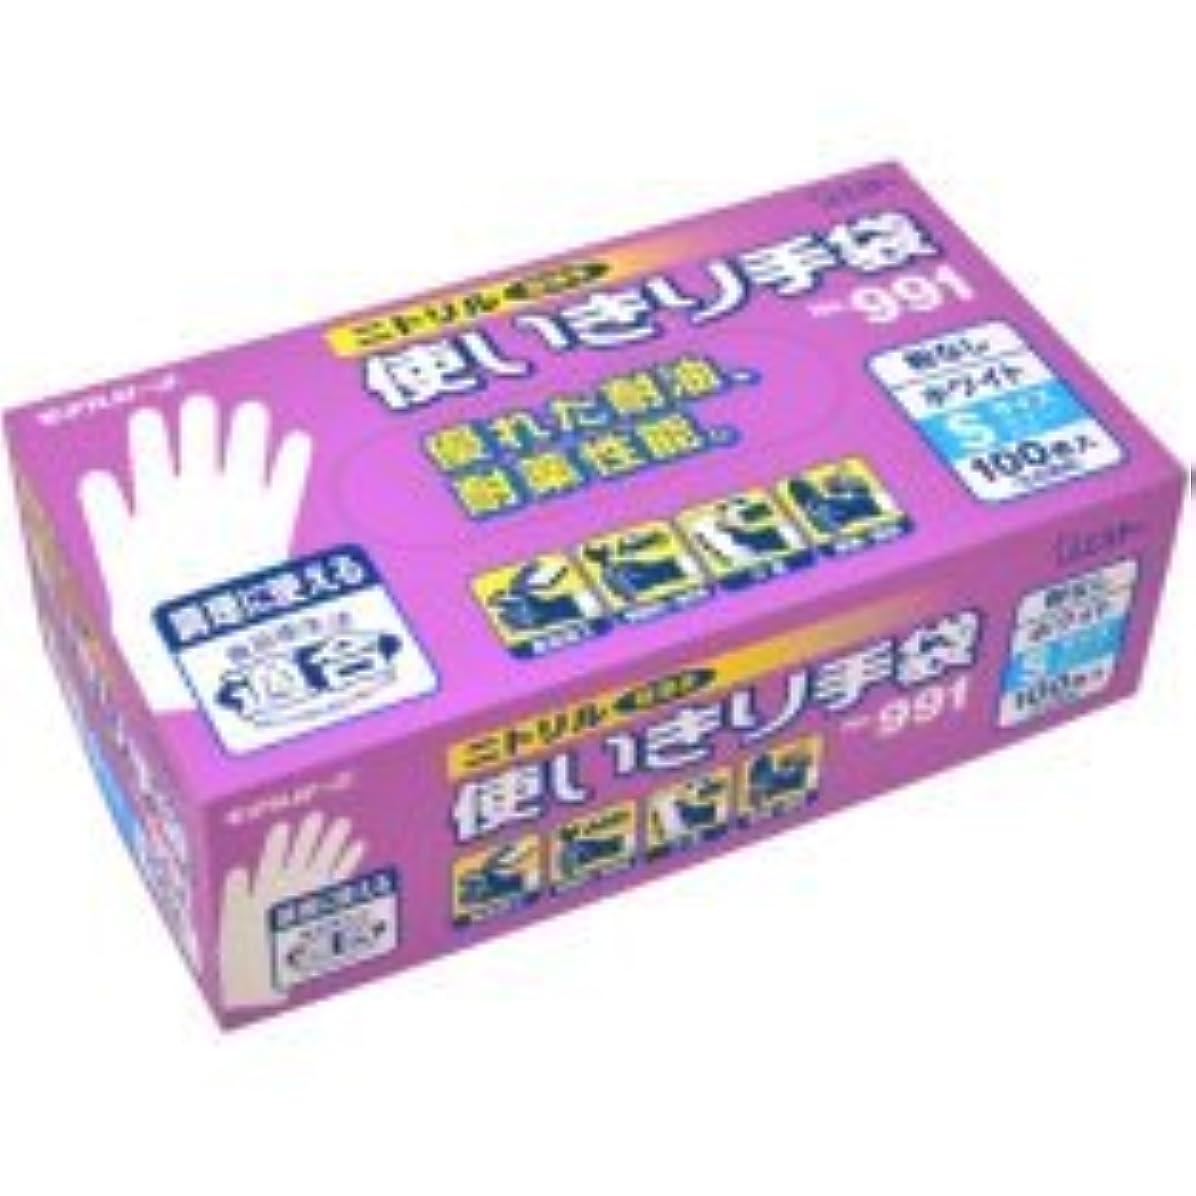 ファームカストディアン汚すエステー No.991 ニトリル使いきり手袋(粉なし) S ホワイト 1セット(300枚:100枚×3箱)